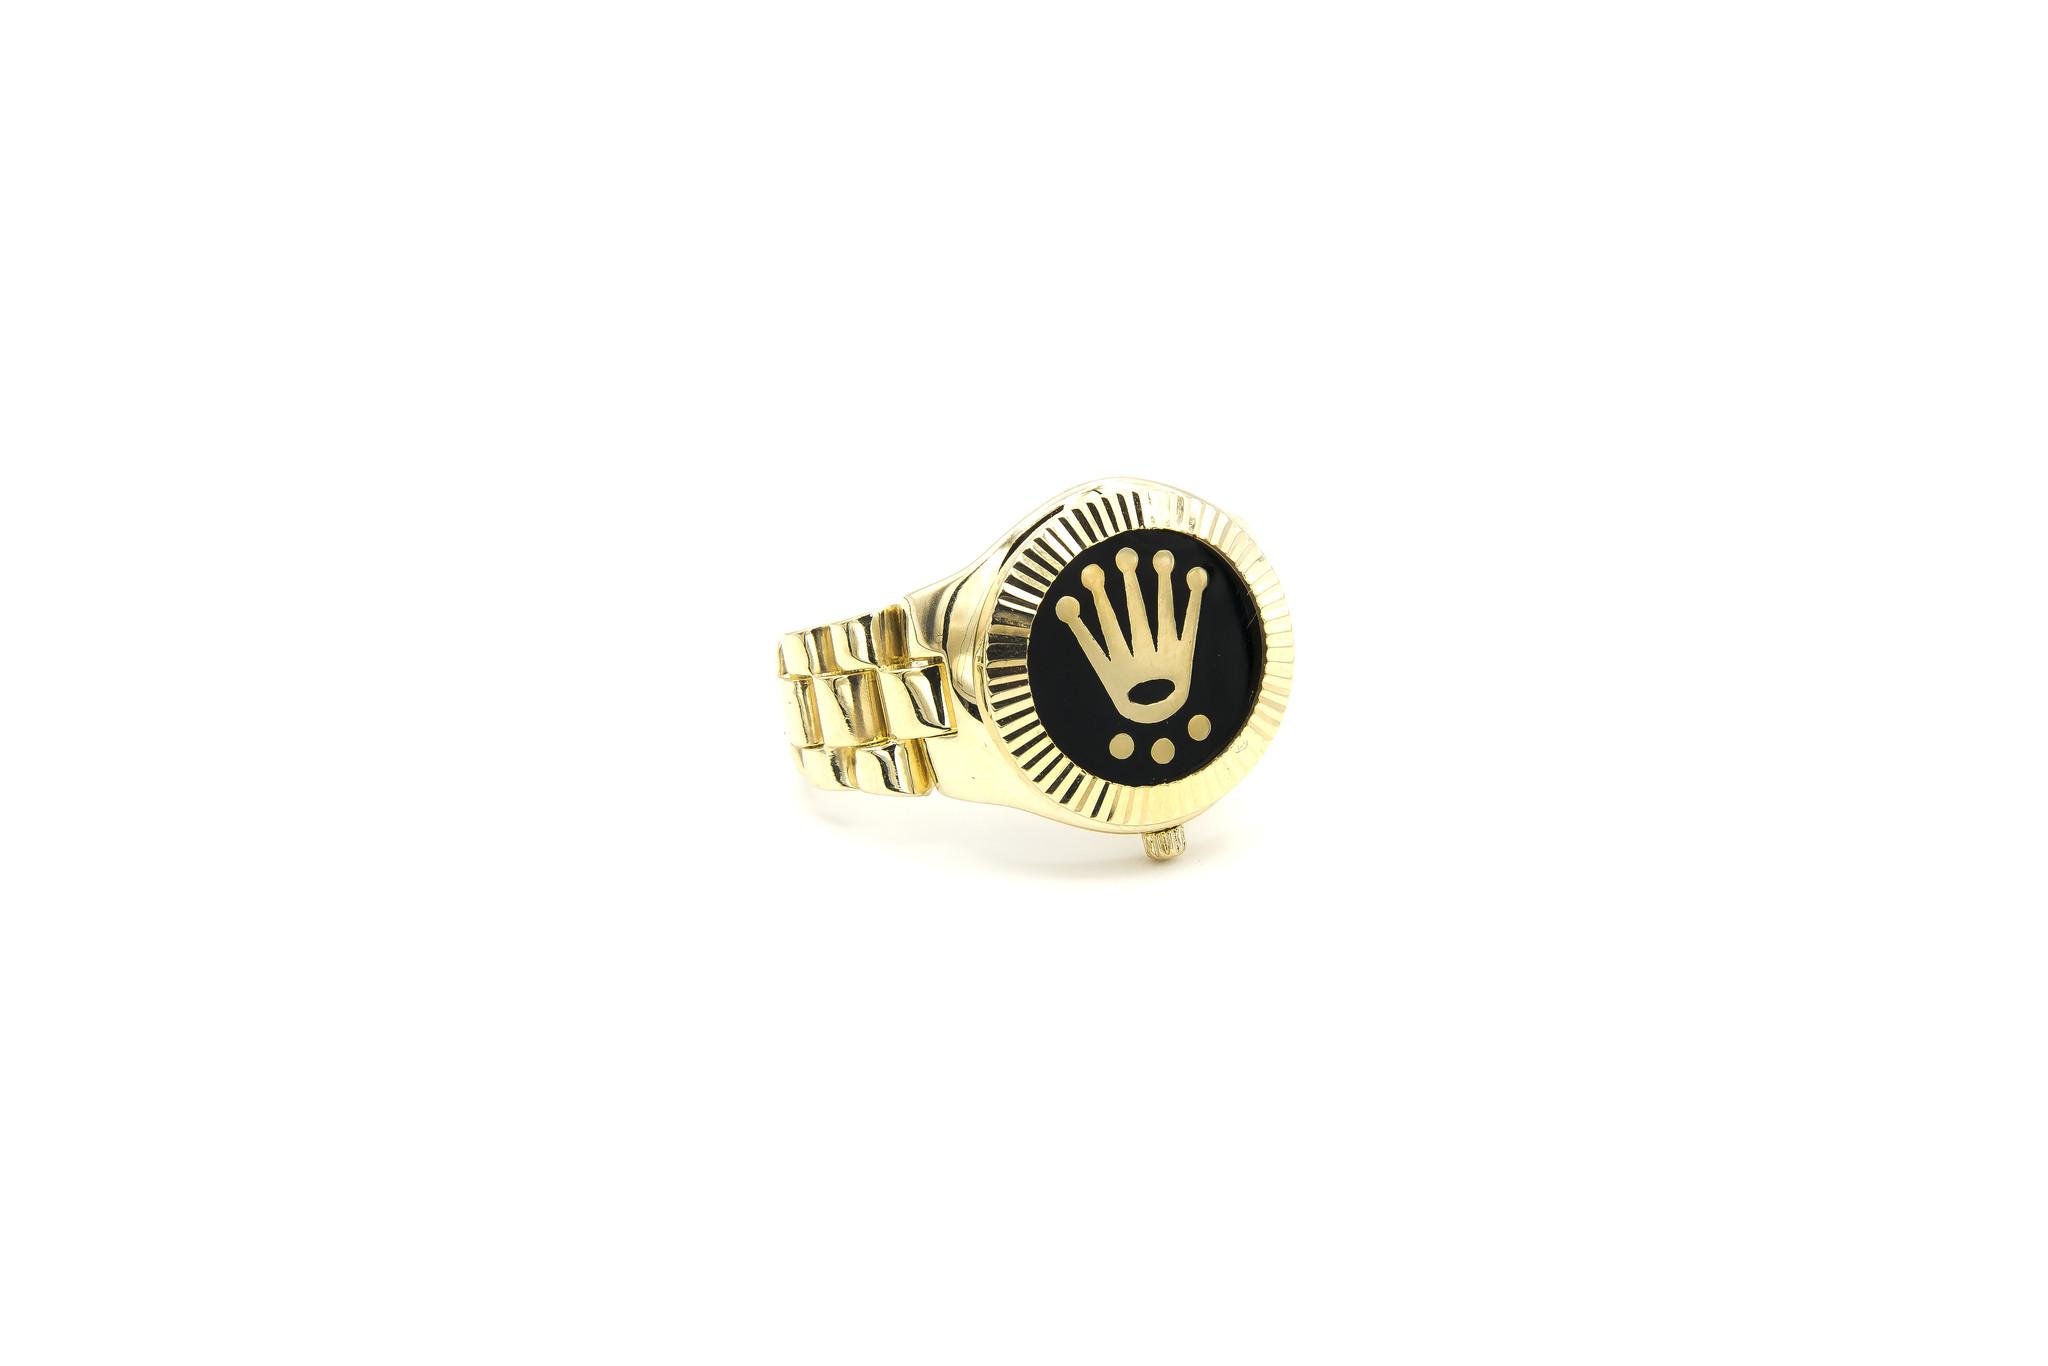 Ring horloge met kroon op zwarte achtergrond met flexibele zijkanten-1